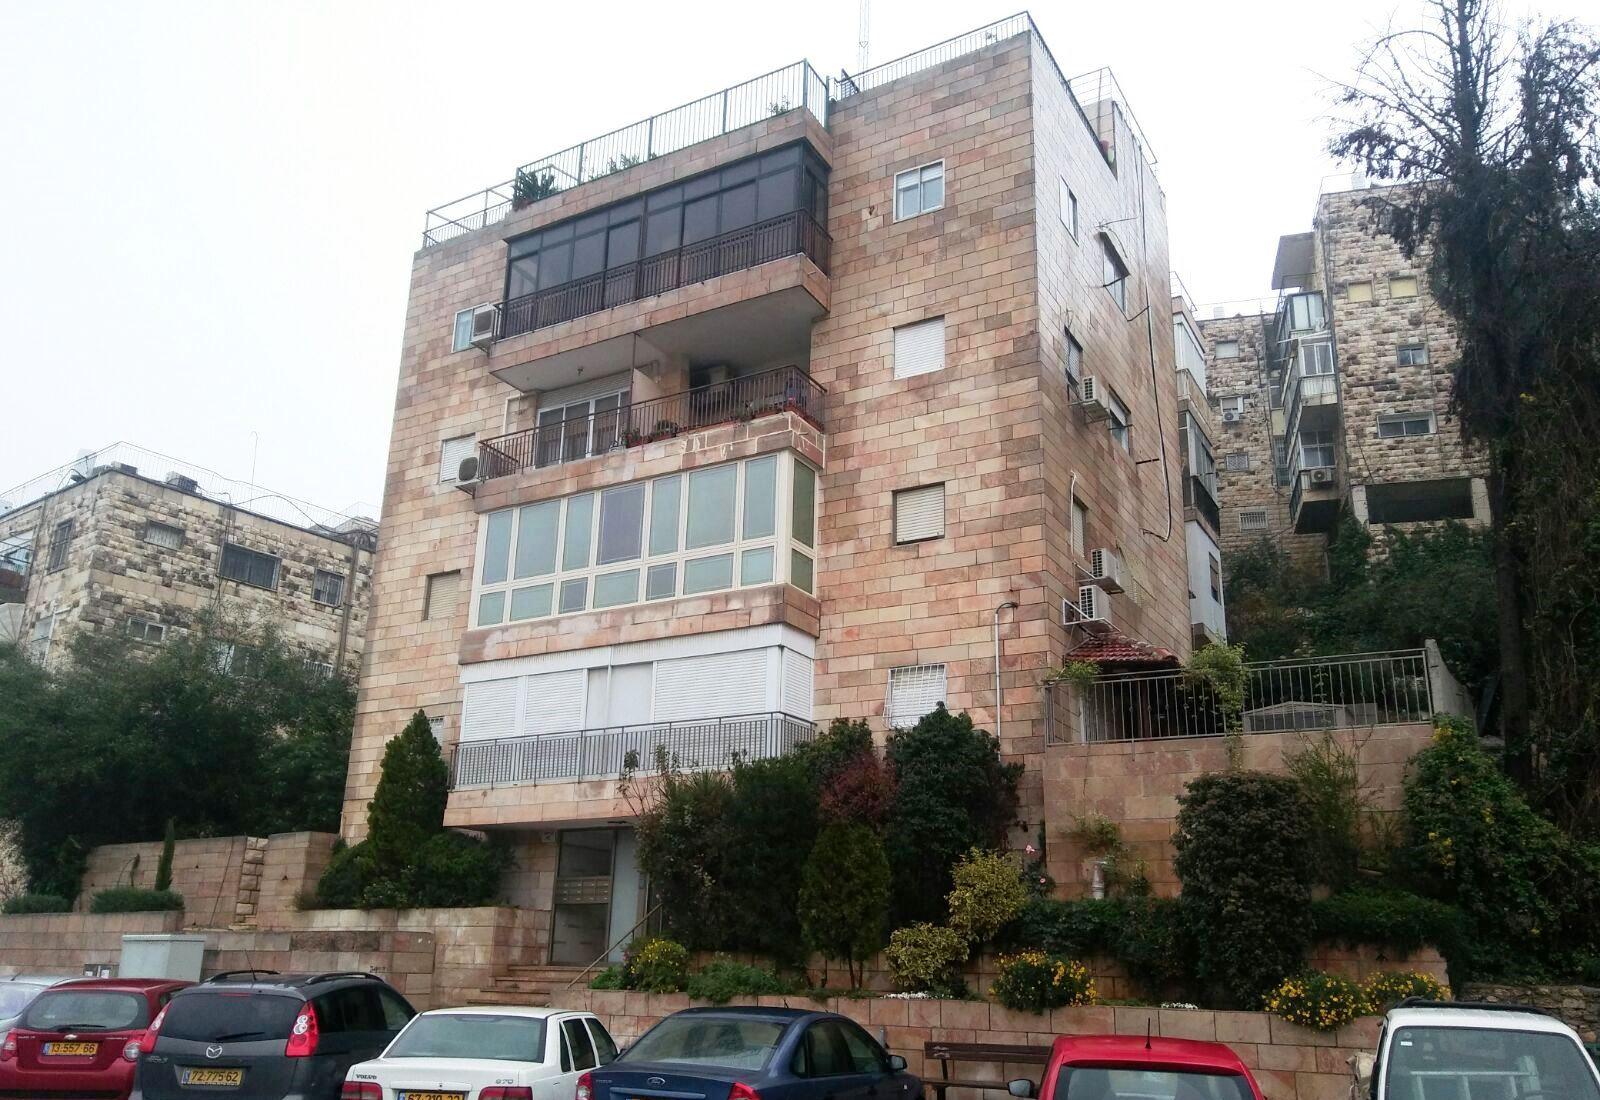 בשכונת רסקו דירה 3 חדרים פלוס מרפסות שמש משופץ